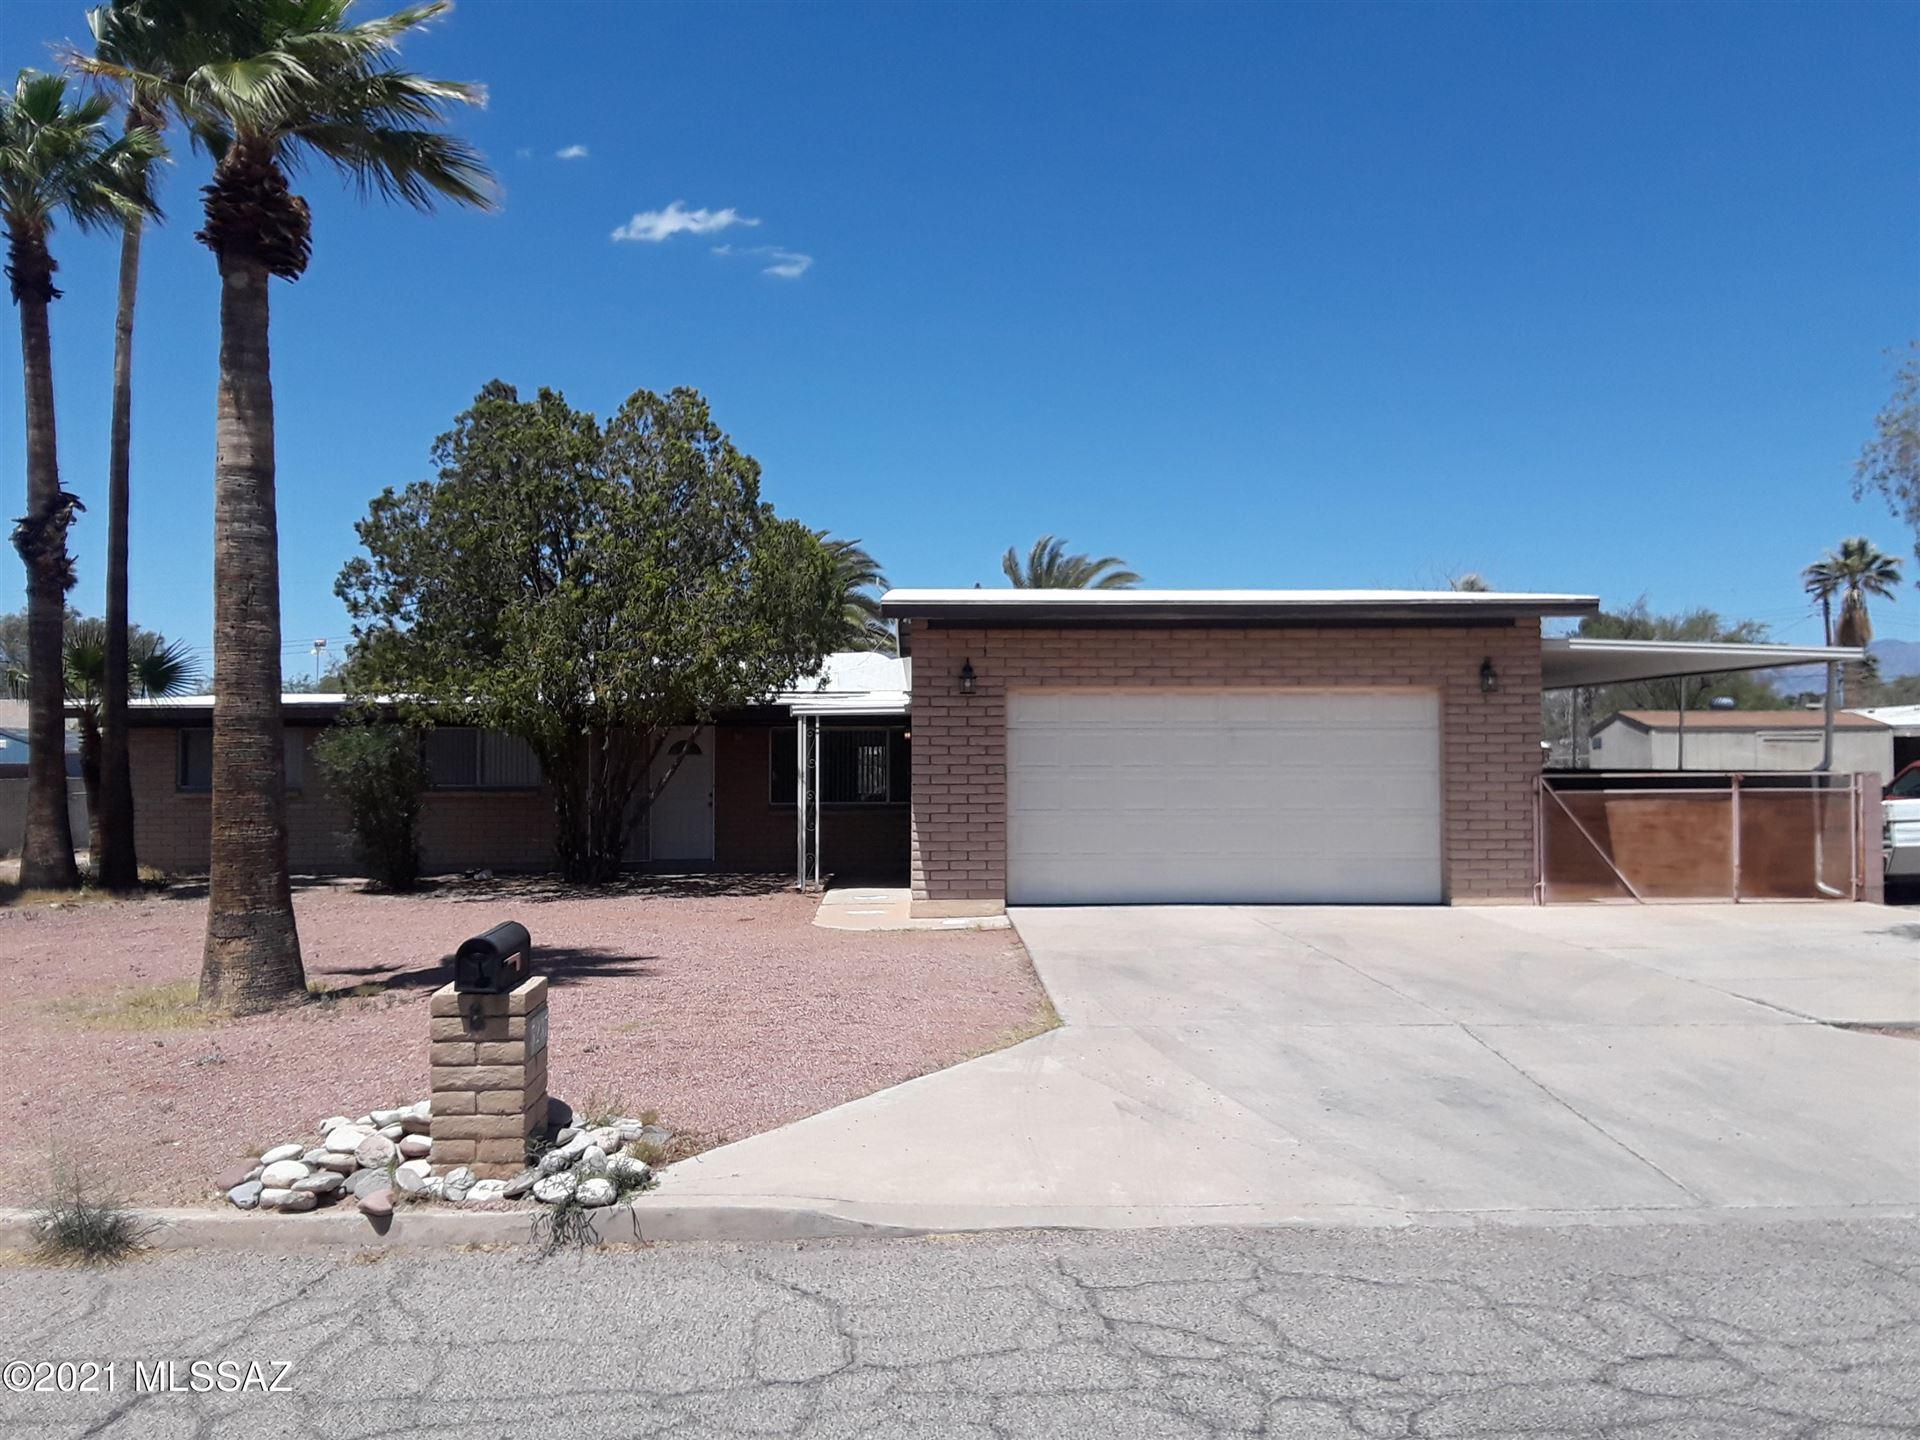 5237 E 21St Street, Tucson, AZ 85711 - MLS#: 22112385